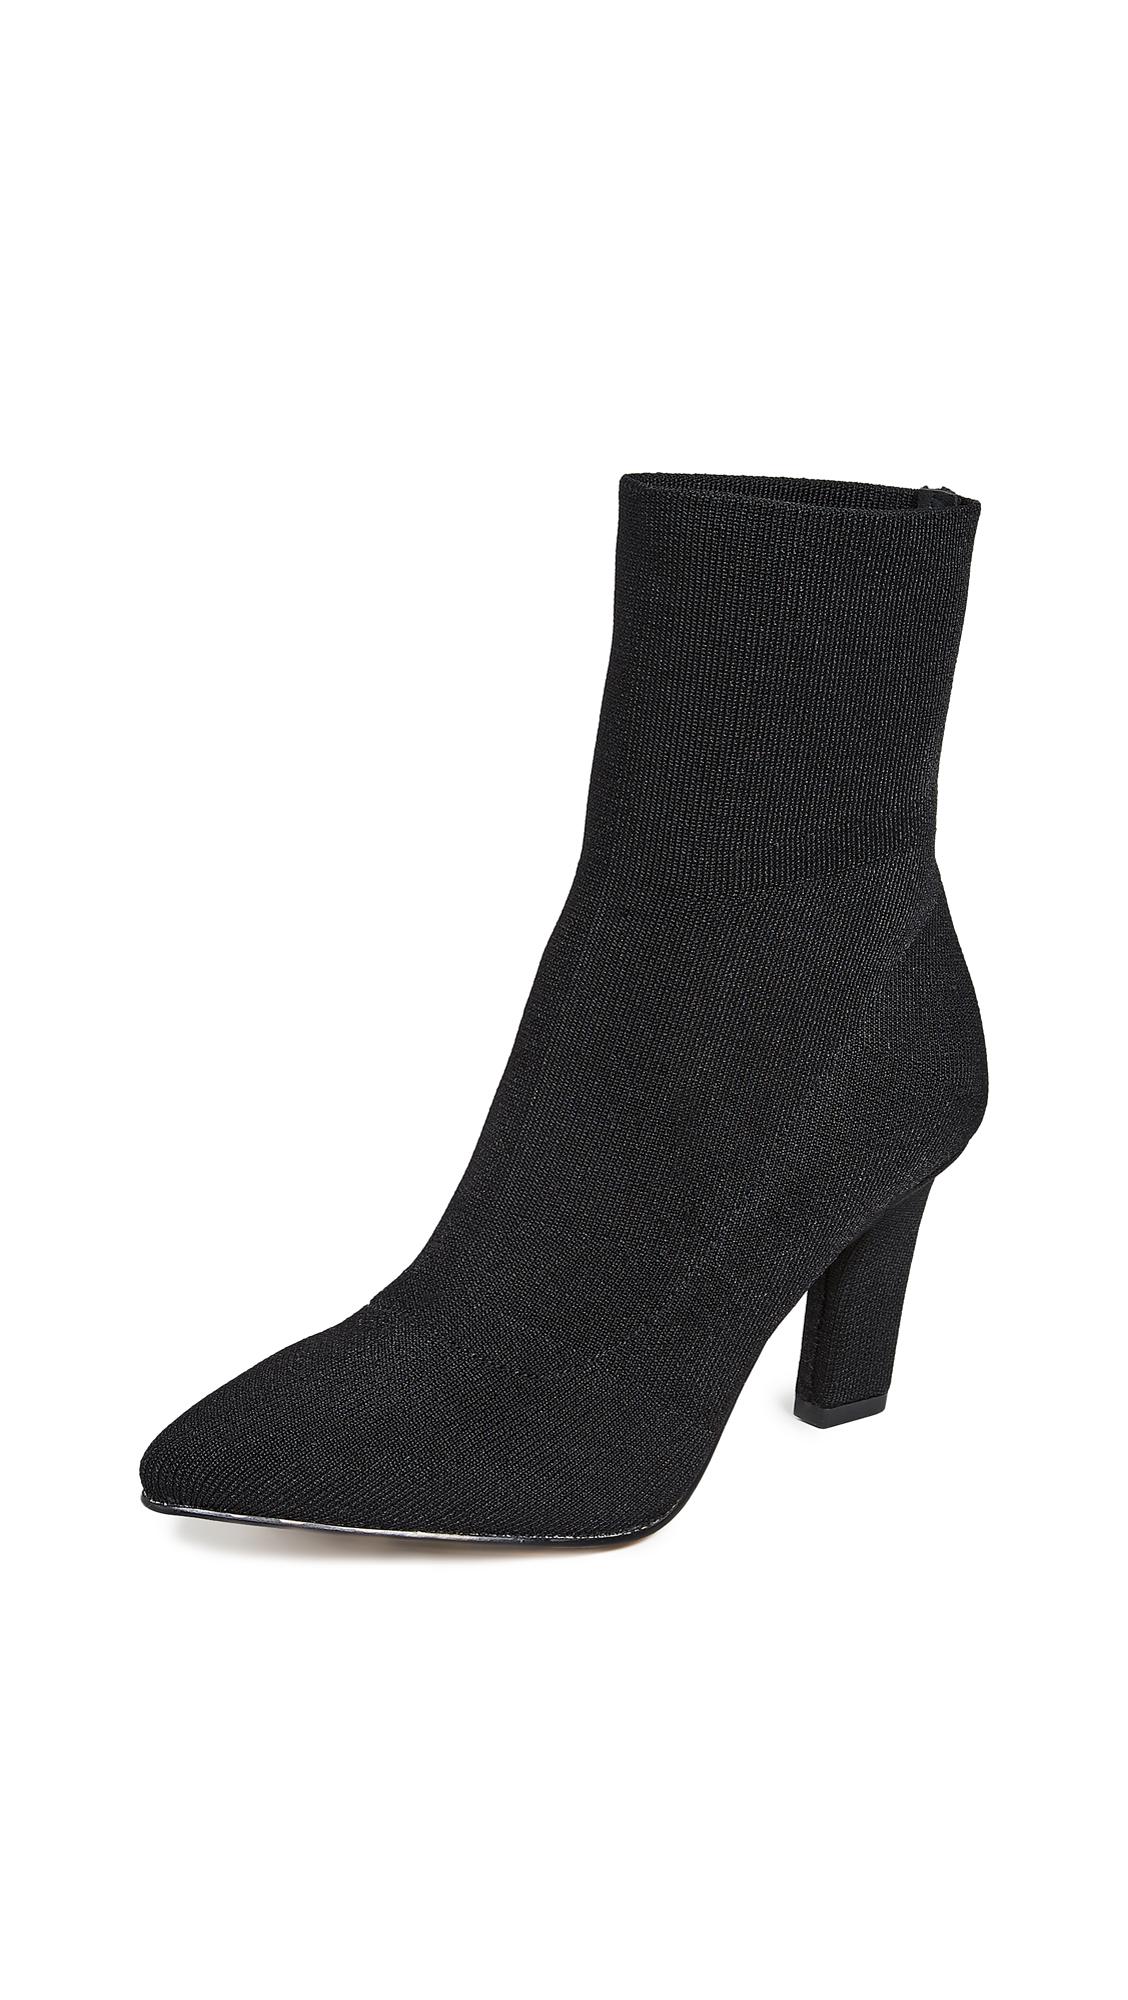 Women'S Nadia Knit High-Heel Booties in Black